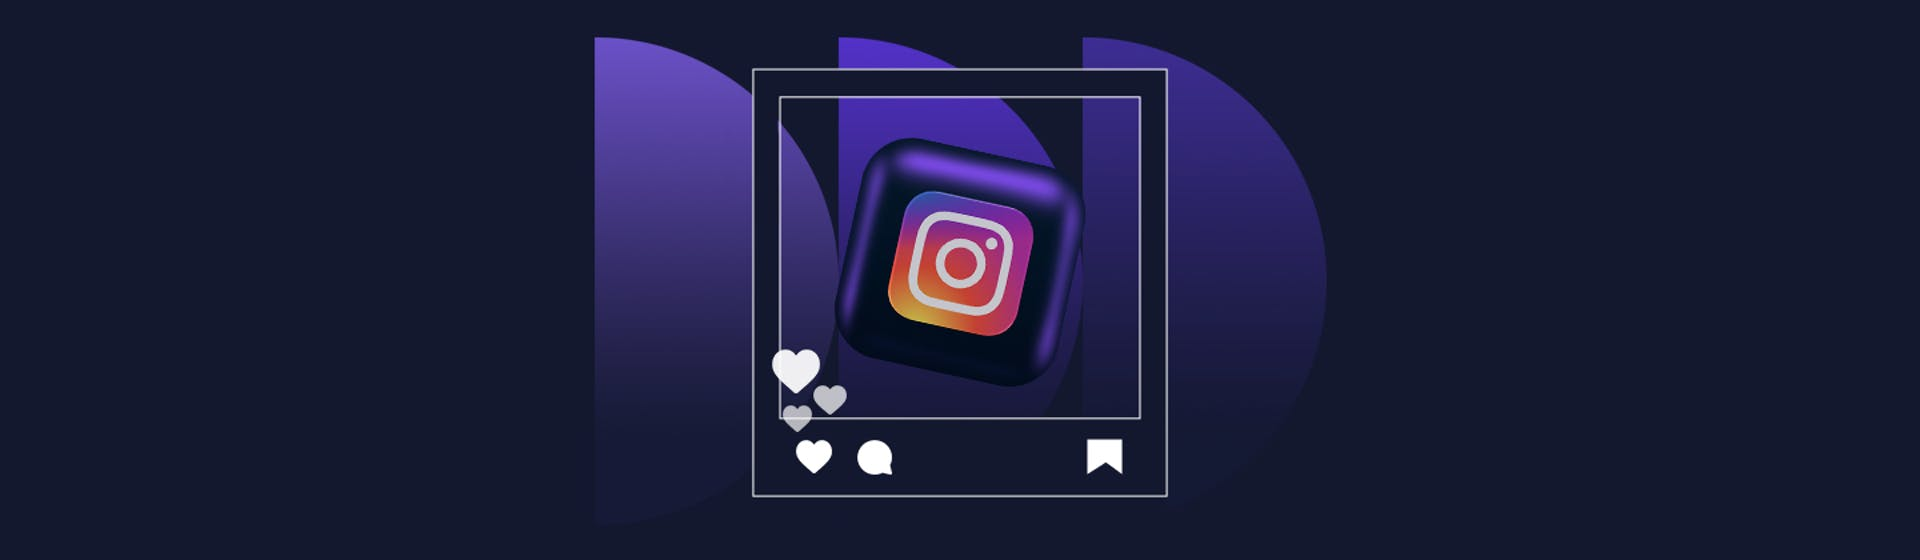 15 apps para Instagram que te ayudarán a promocionar tu negocio